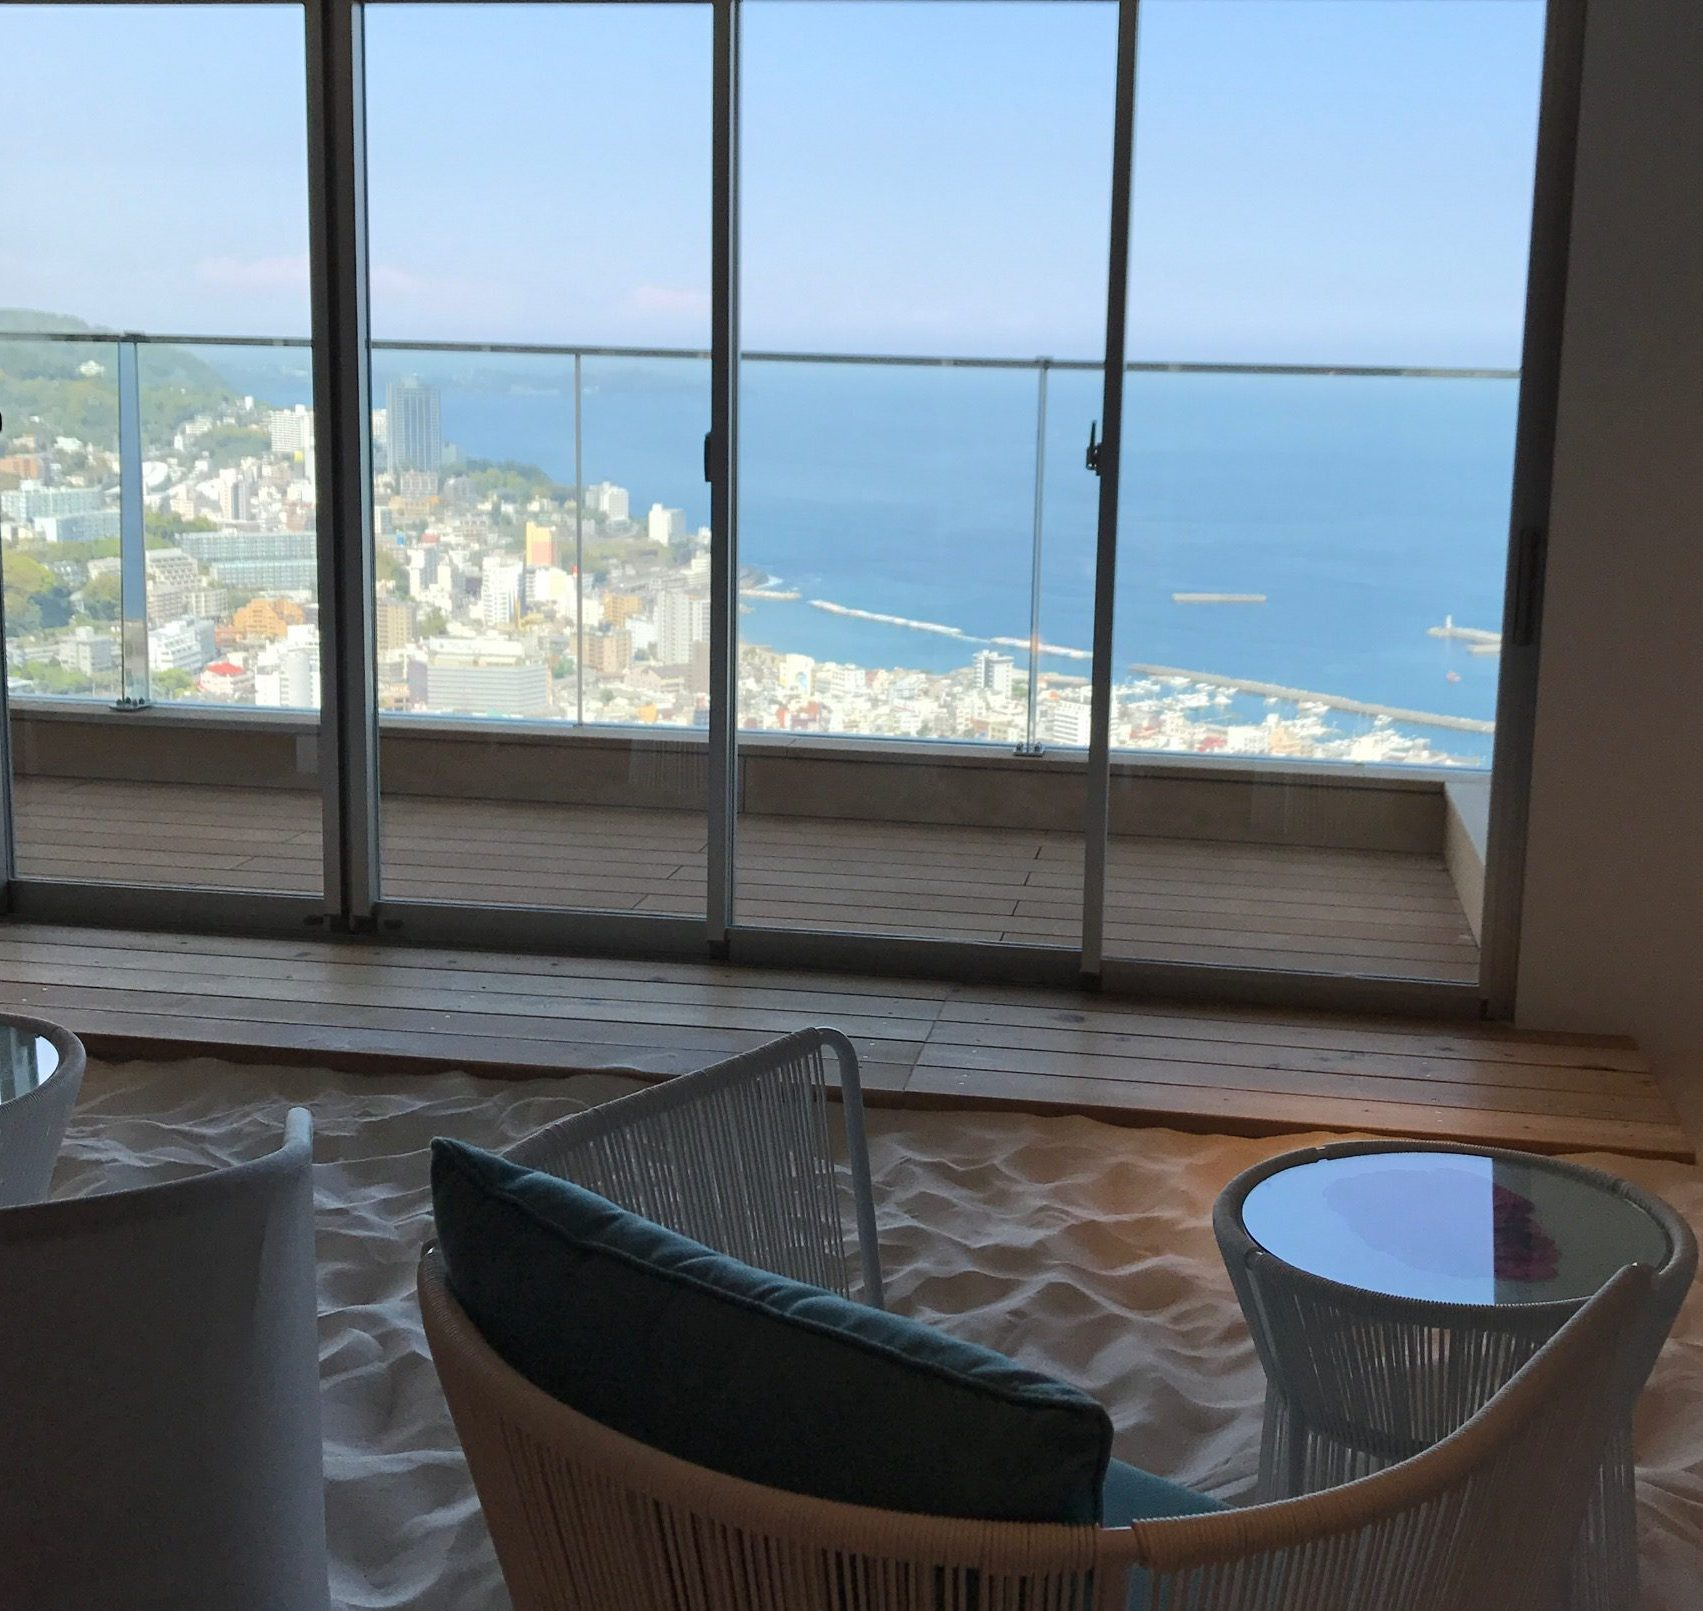 リゾナーレ熱海 子連れ 赤ちゃん連れ旅行 ソラノビーチ カフェ